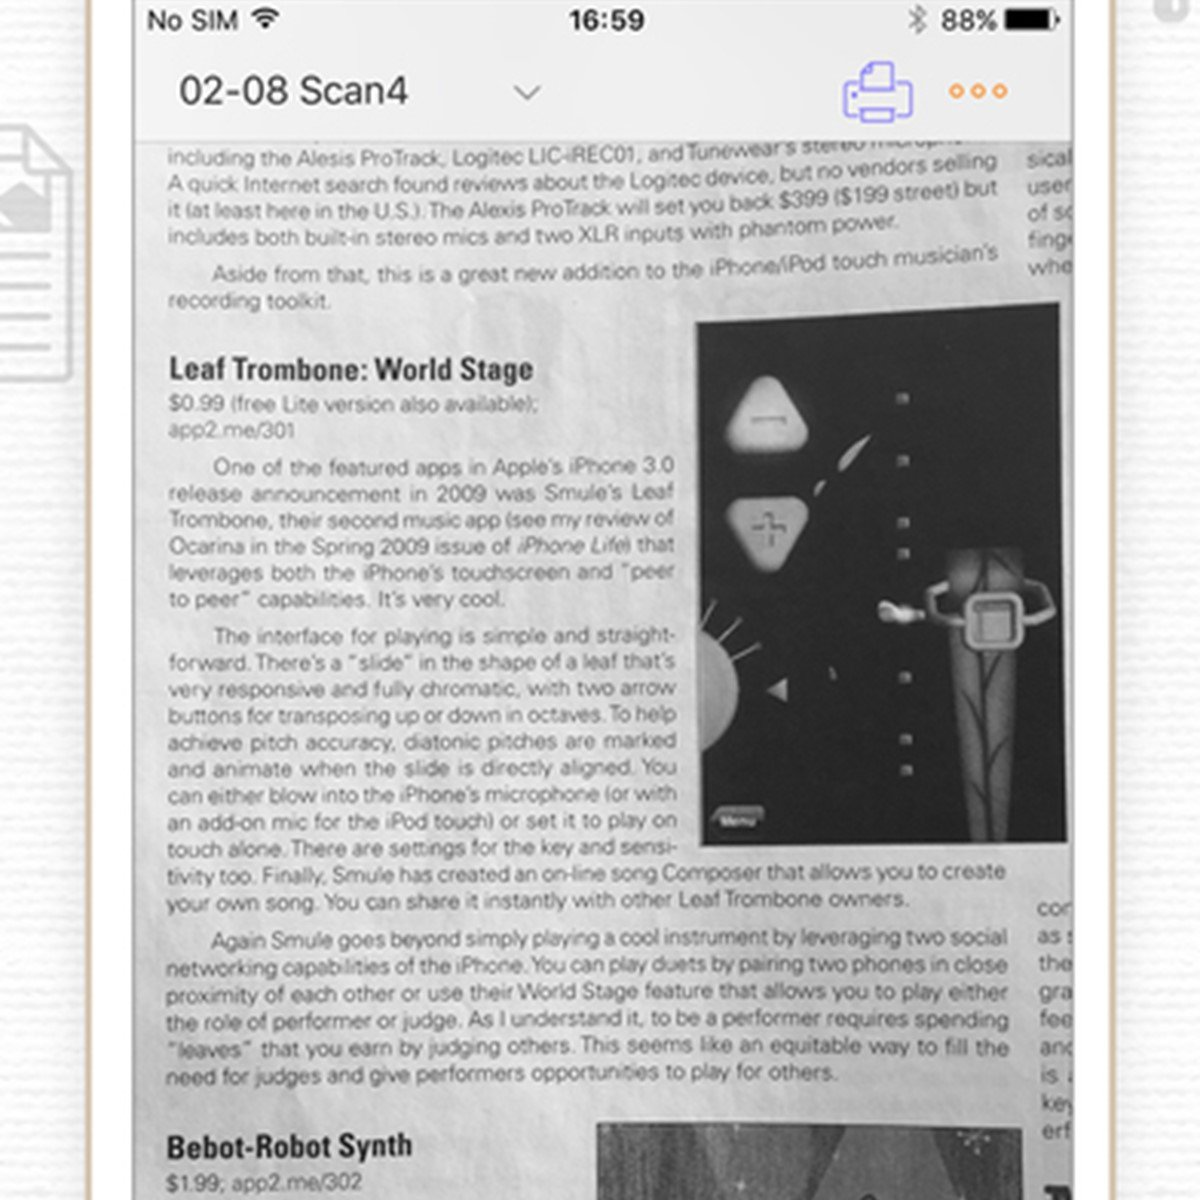 pdf reader software for windows